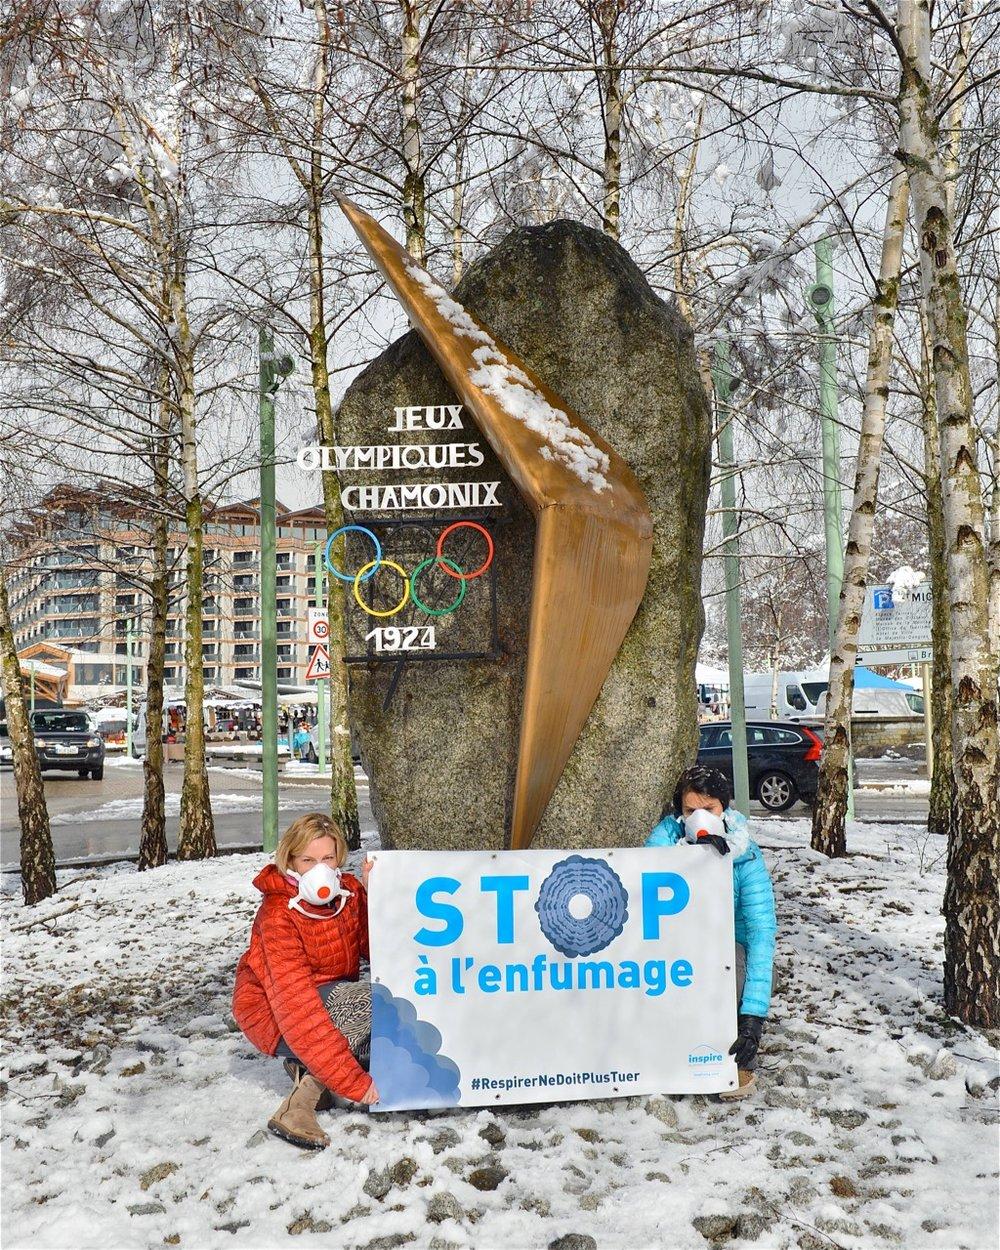 Chamonix - Le fond de l'air effraieLa pollution de l'air tue 14 fois plus que les accidents de la route. Mettons les transports sur le rail, vite!#LoiMobilité #TunnelMontBlanc #LémanExpress #StopPollution